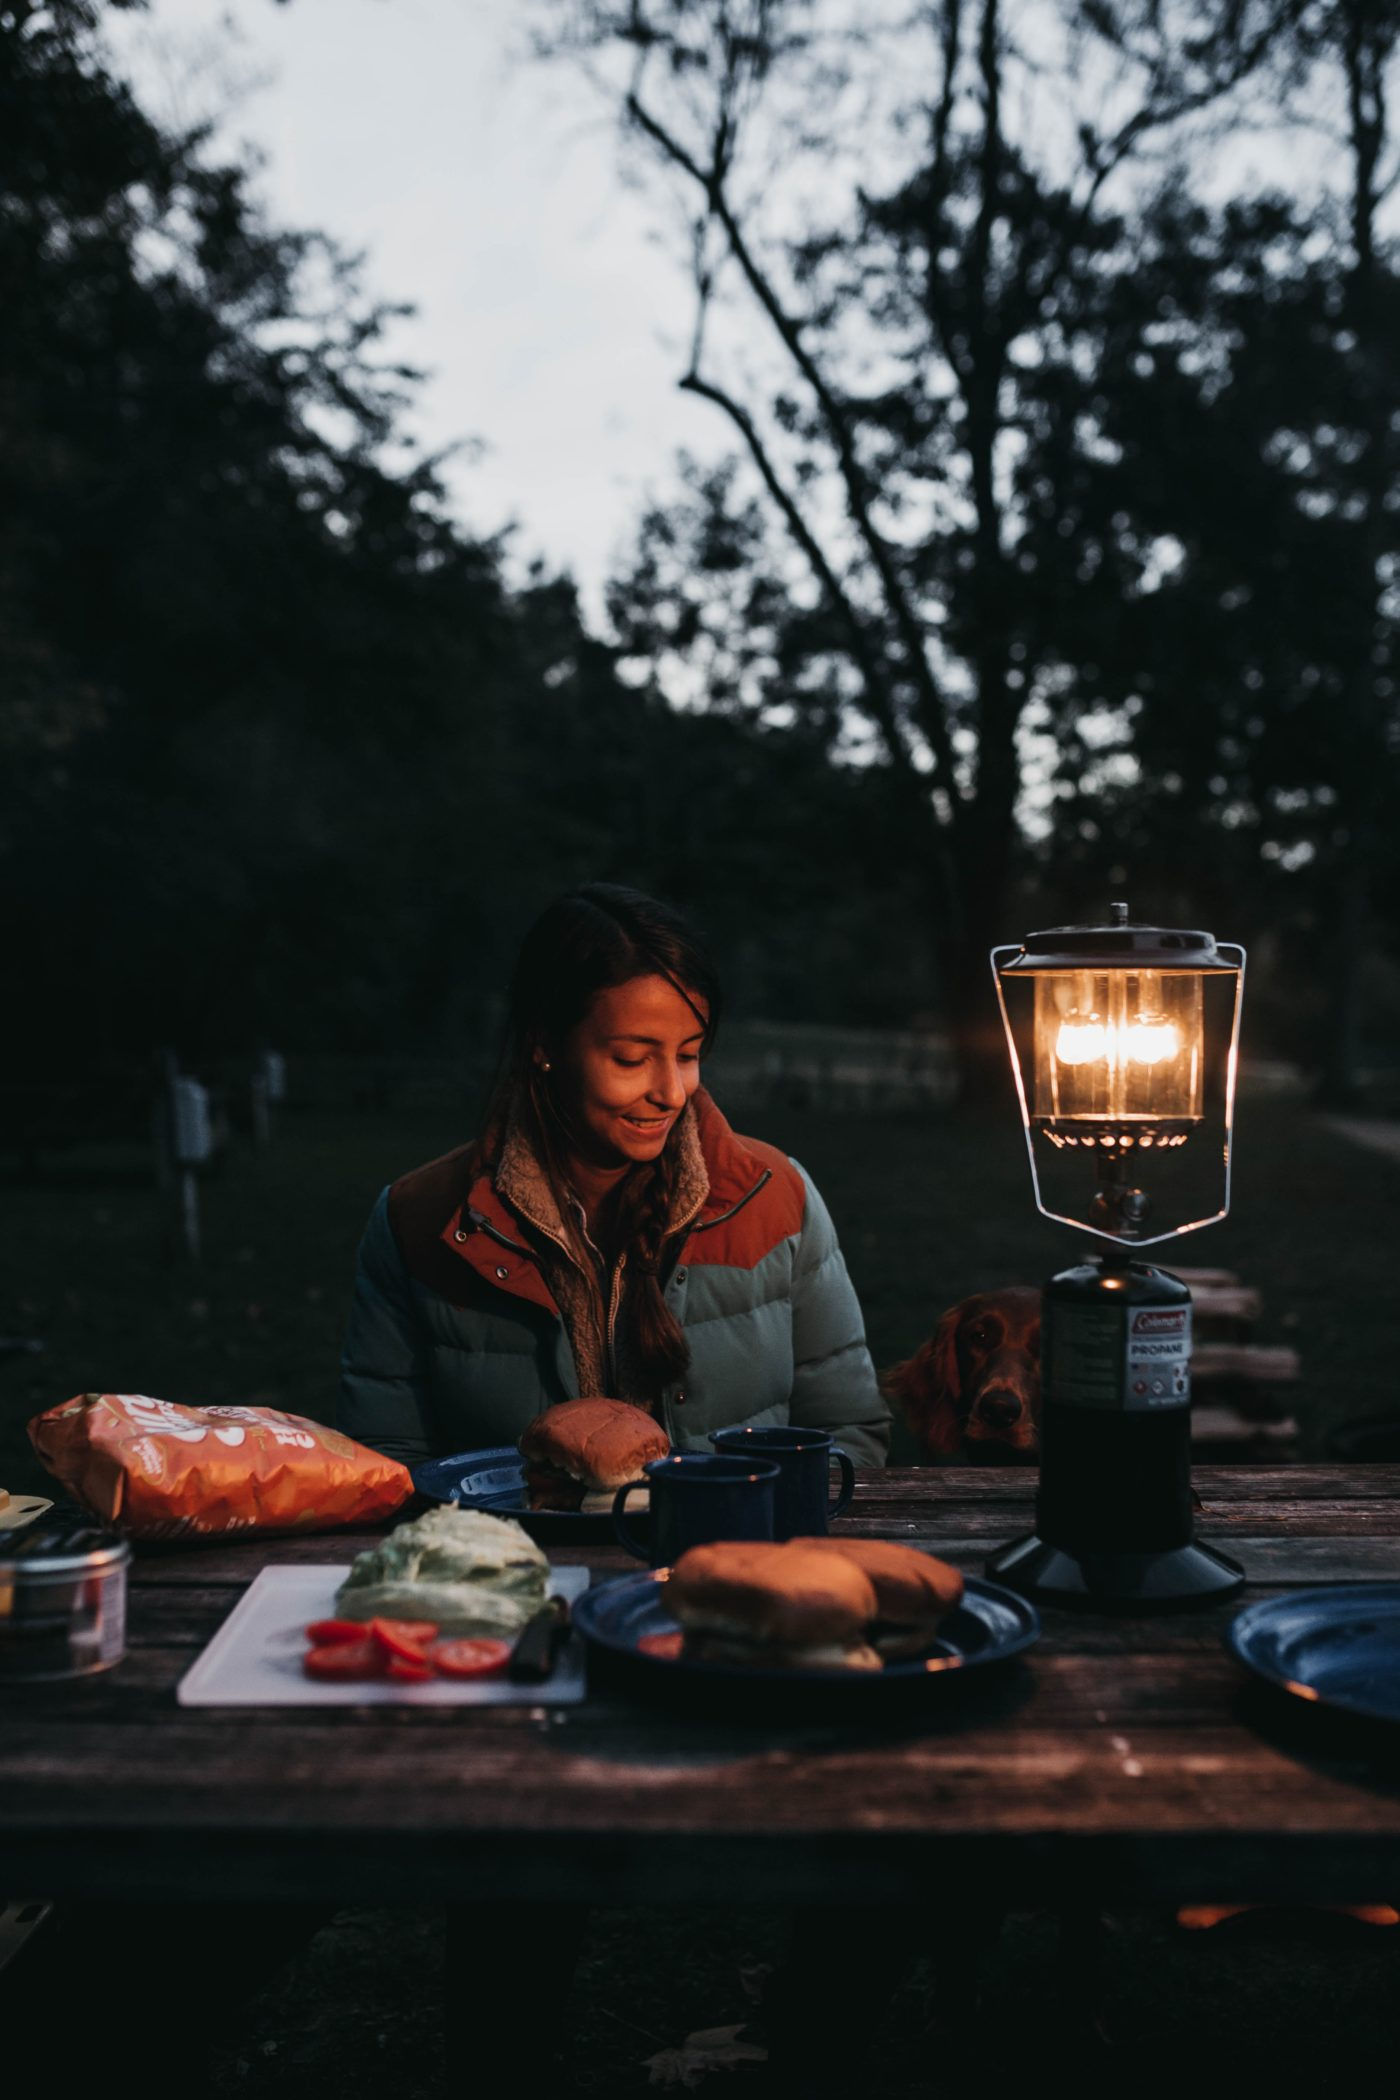 Frauen Camping Liste Essen